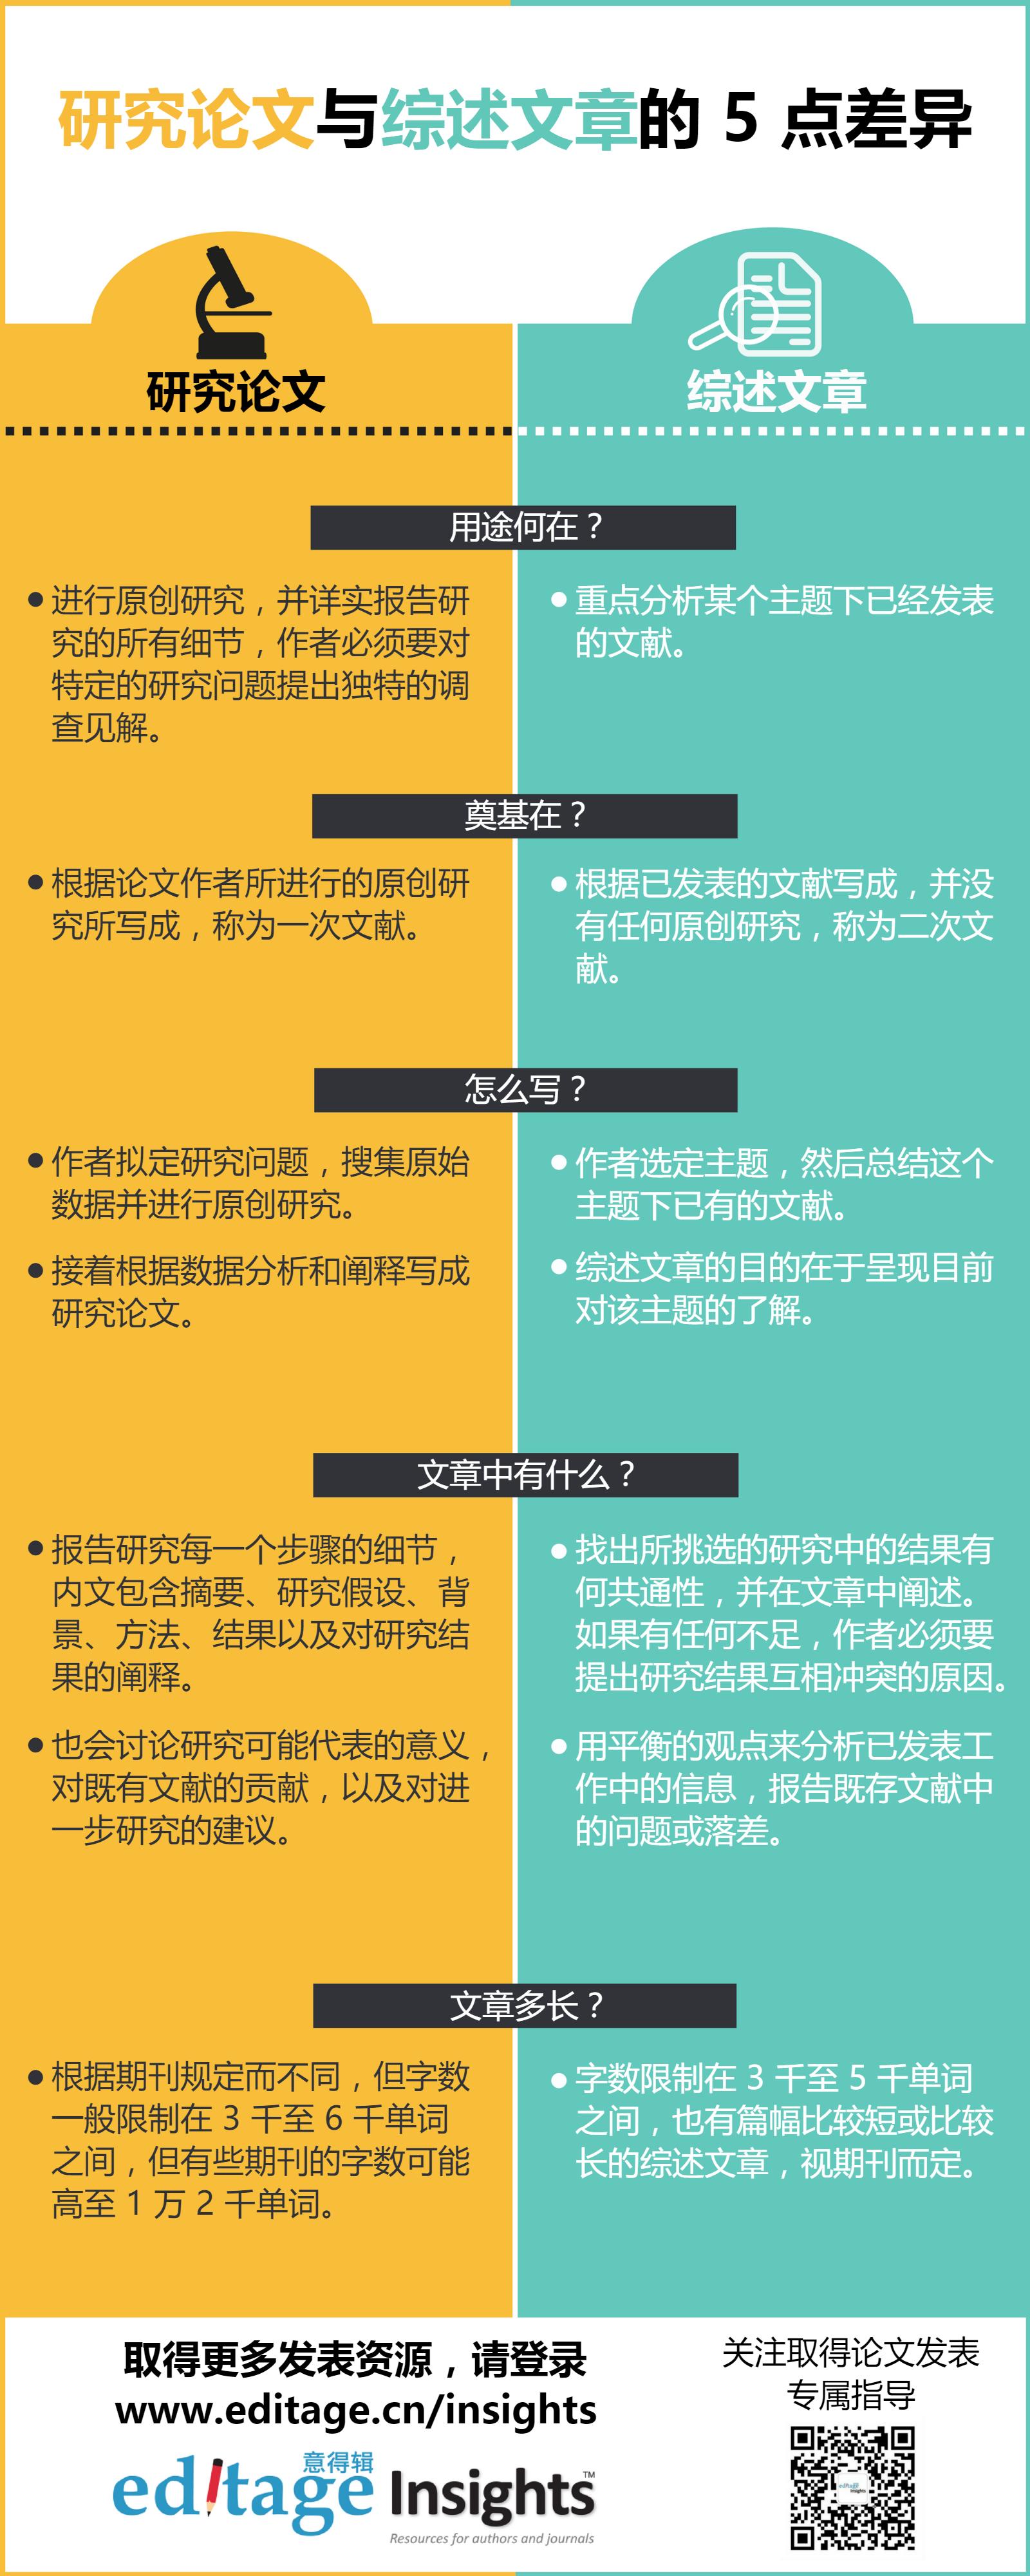 研究论文与综述文章的 5 点差异信息图